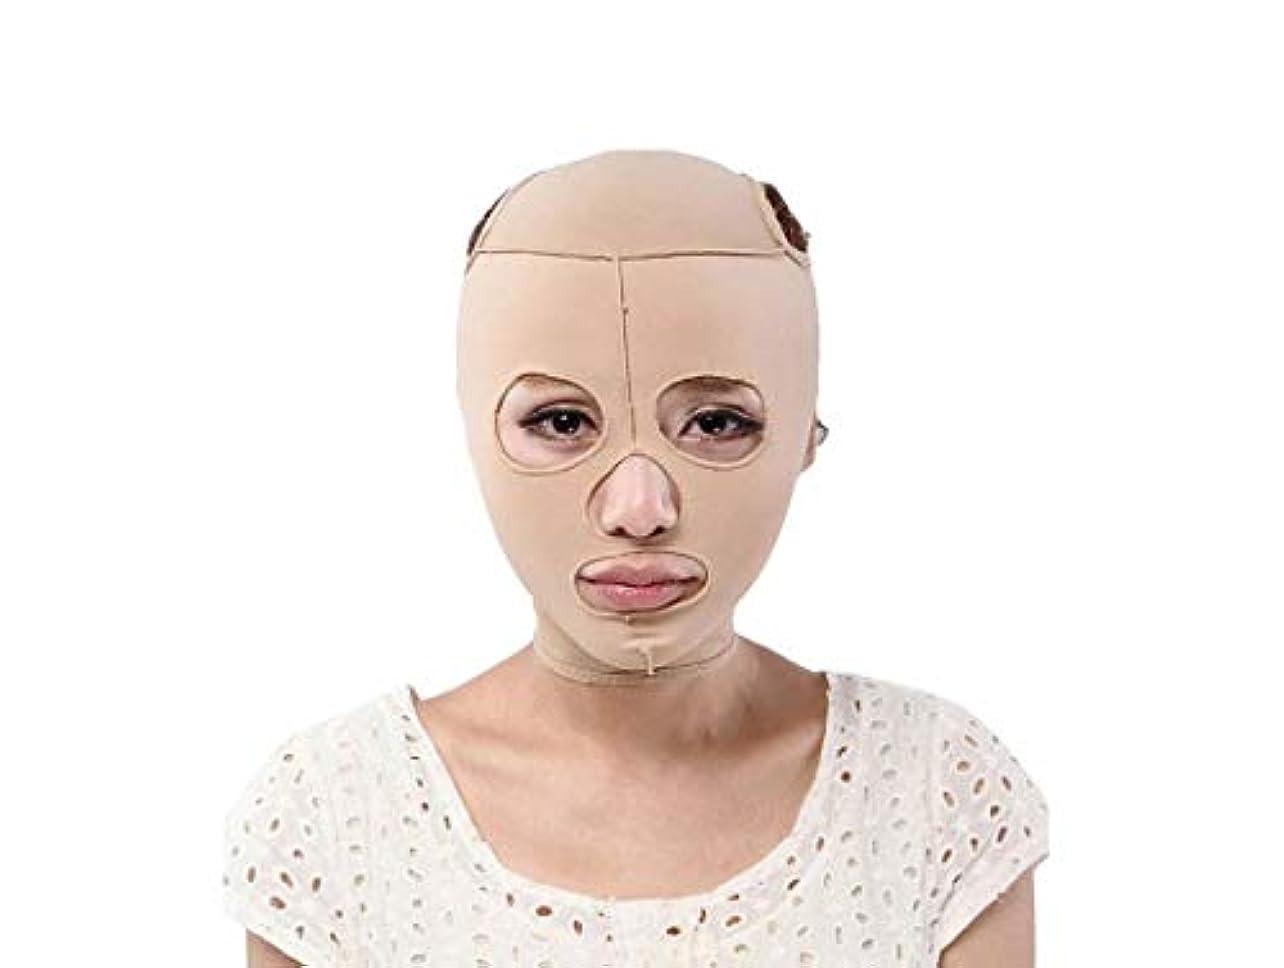 地中海プロトタイプ無視できるスリミングベルト、フェイスマスクシンフェイスインストゥルメントリフティングファーミングVフェイス男性と女性フェイスリフティングステッカーダブルチンフェイスリフティングフェイスマスク包帯フェイシャルマッサージ(サイズ:Xl),S